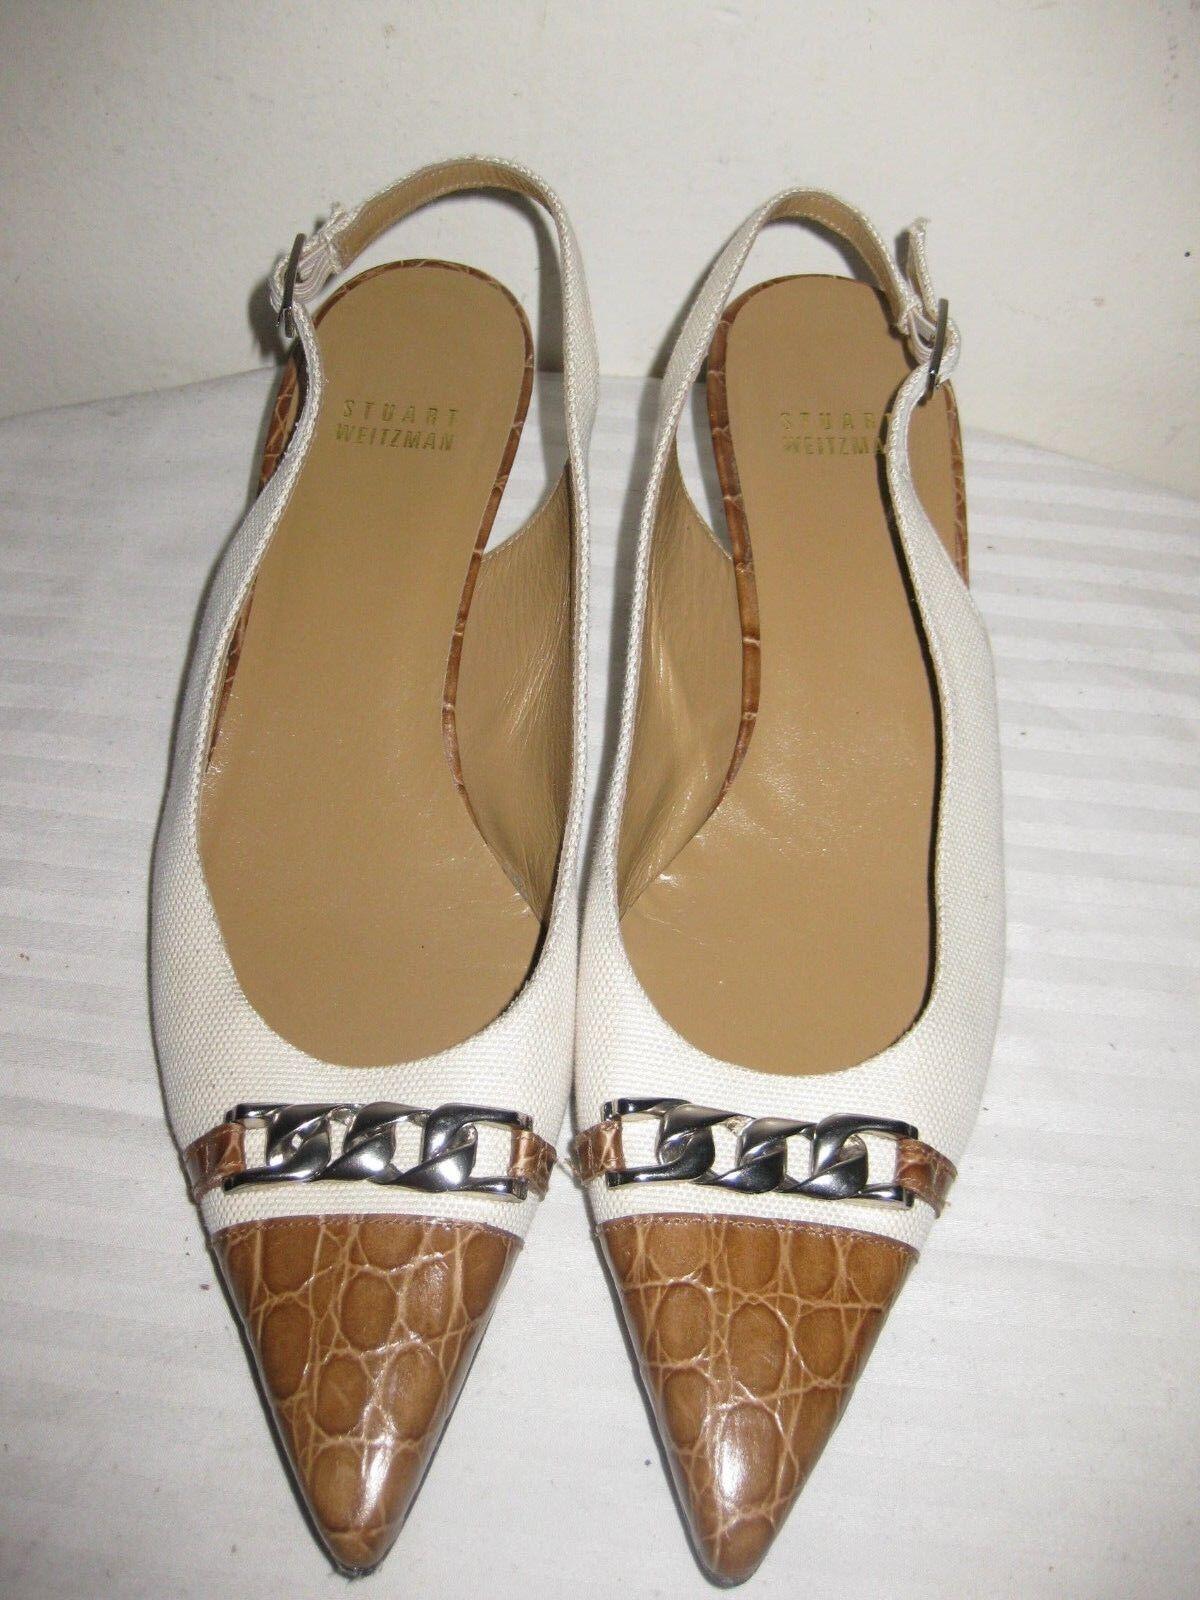 Stuart Weitzman Cocodrilo en relieve de de de cuero marrón tostado eslingas de vuelta zapatos talla 7.5 M  mejor oferta